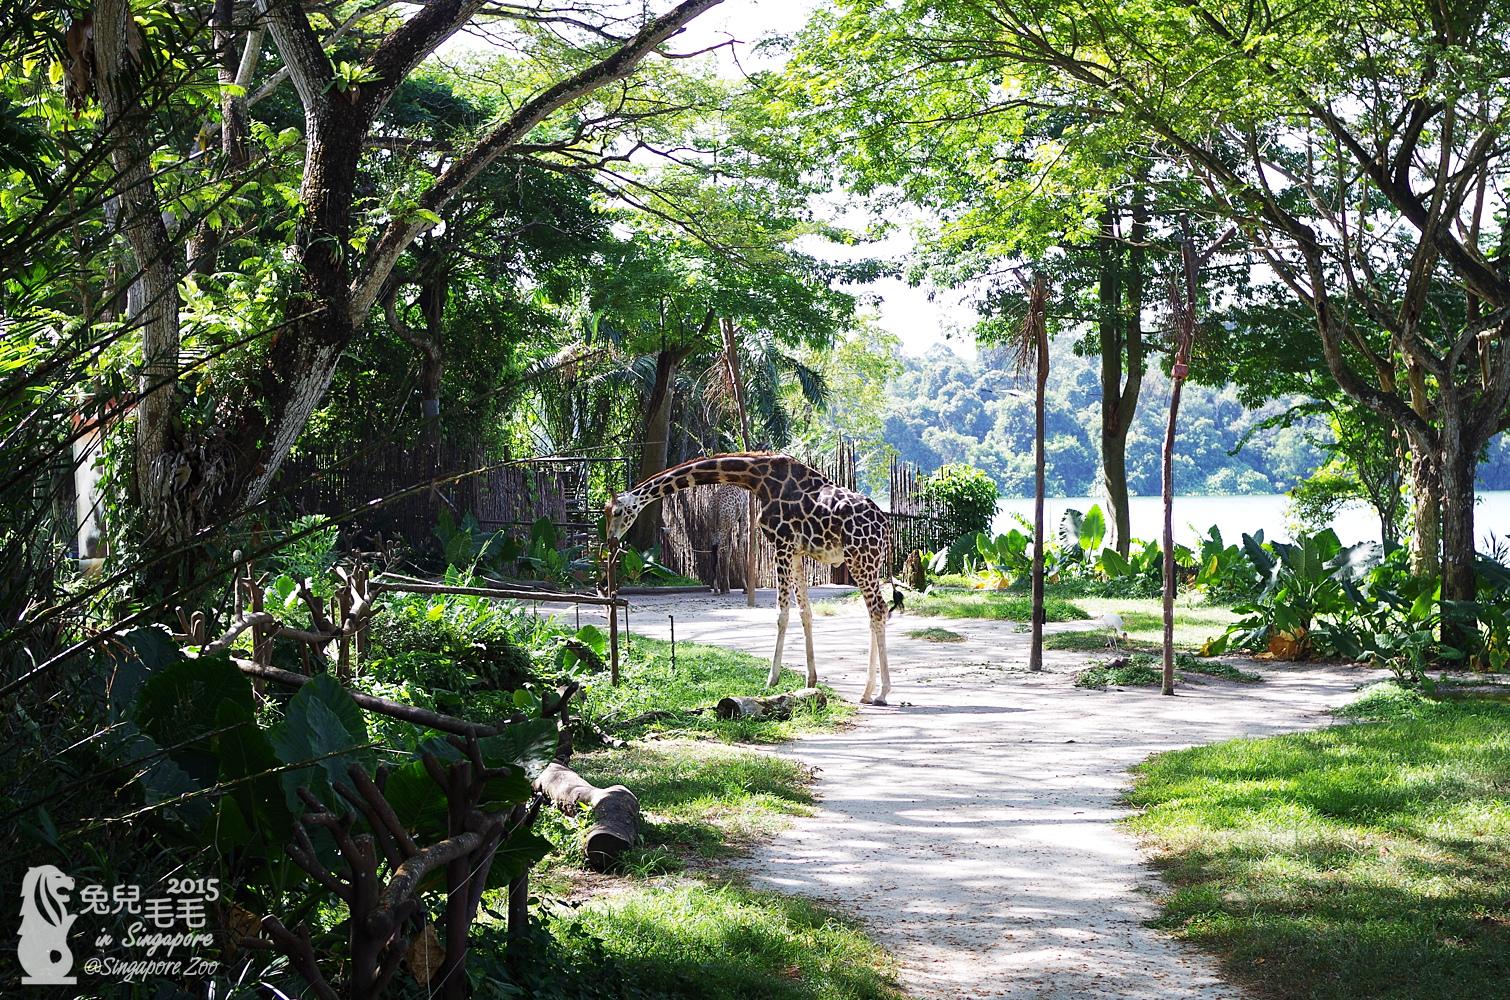 0218-Singapore Zoo-07.jpg